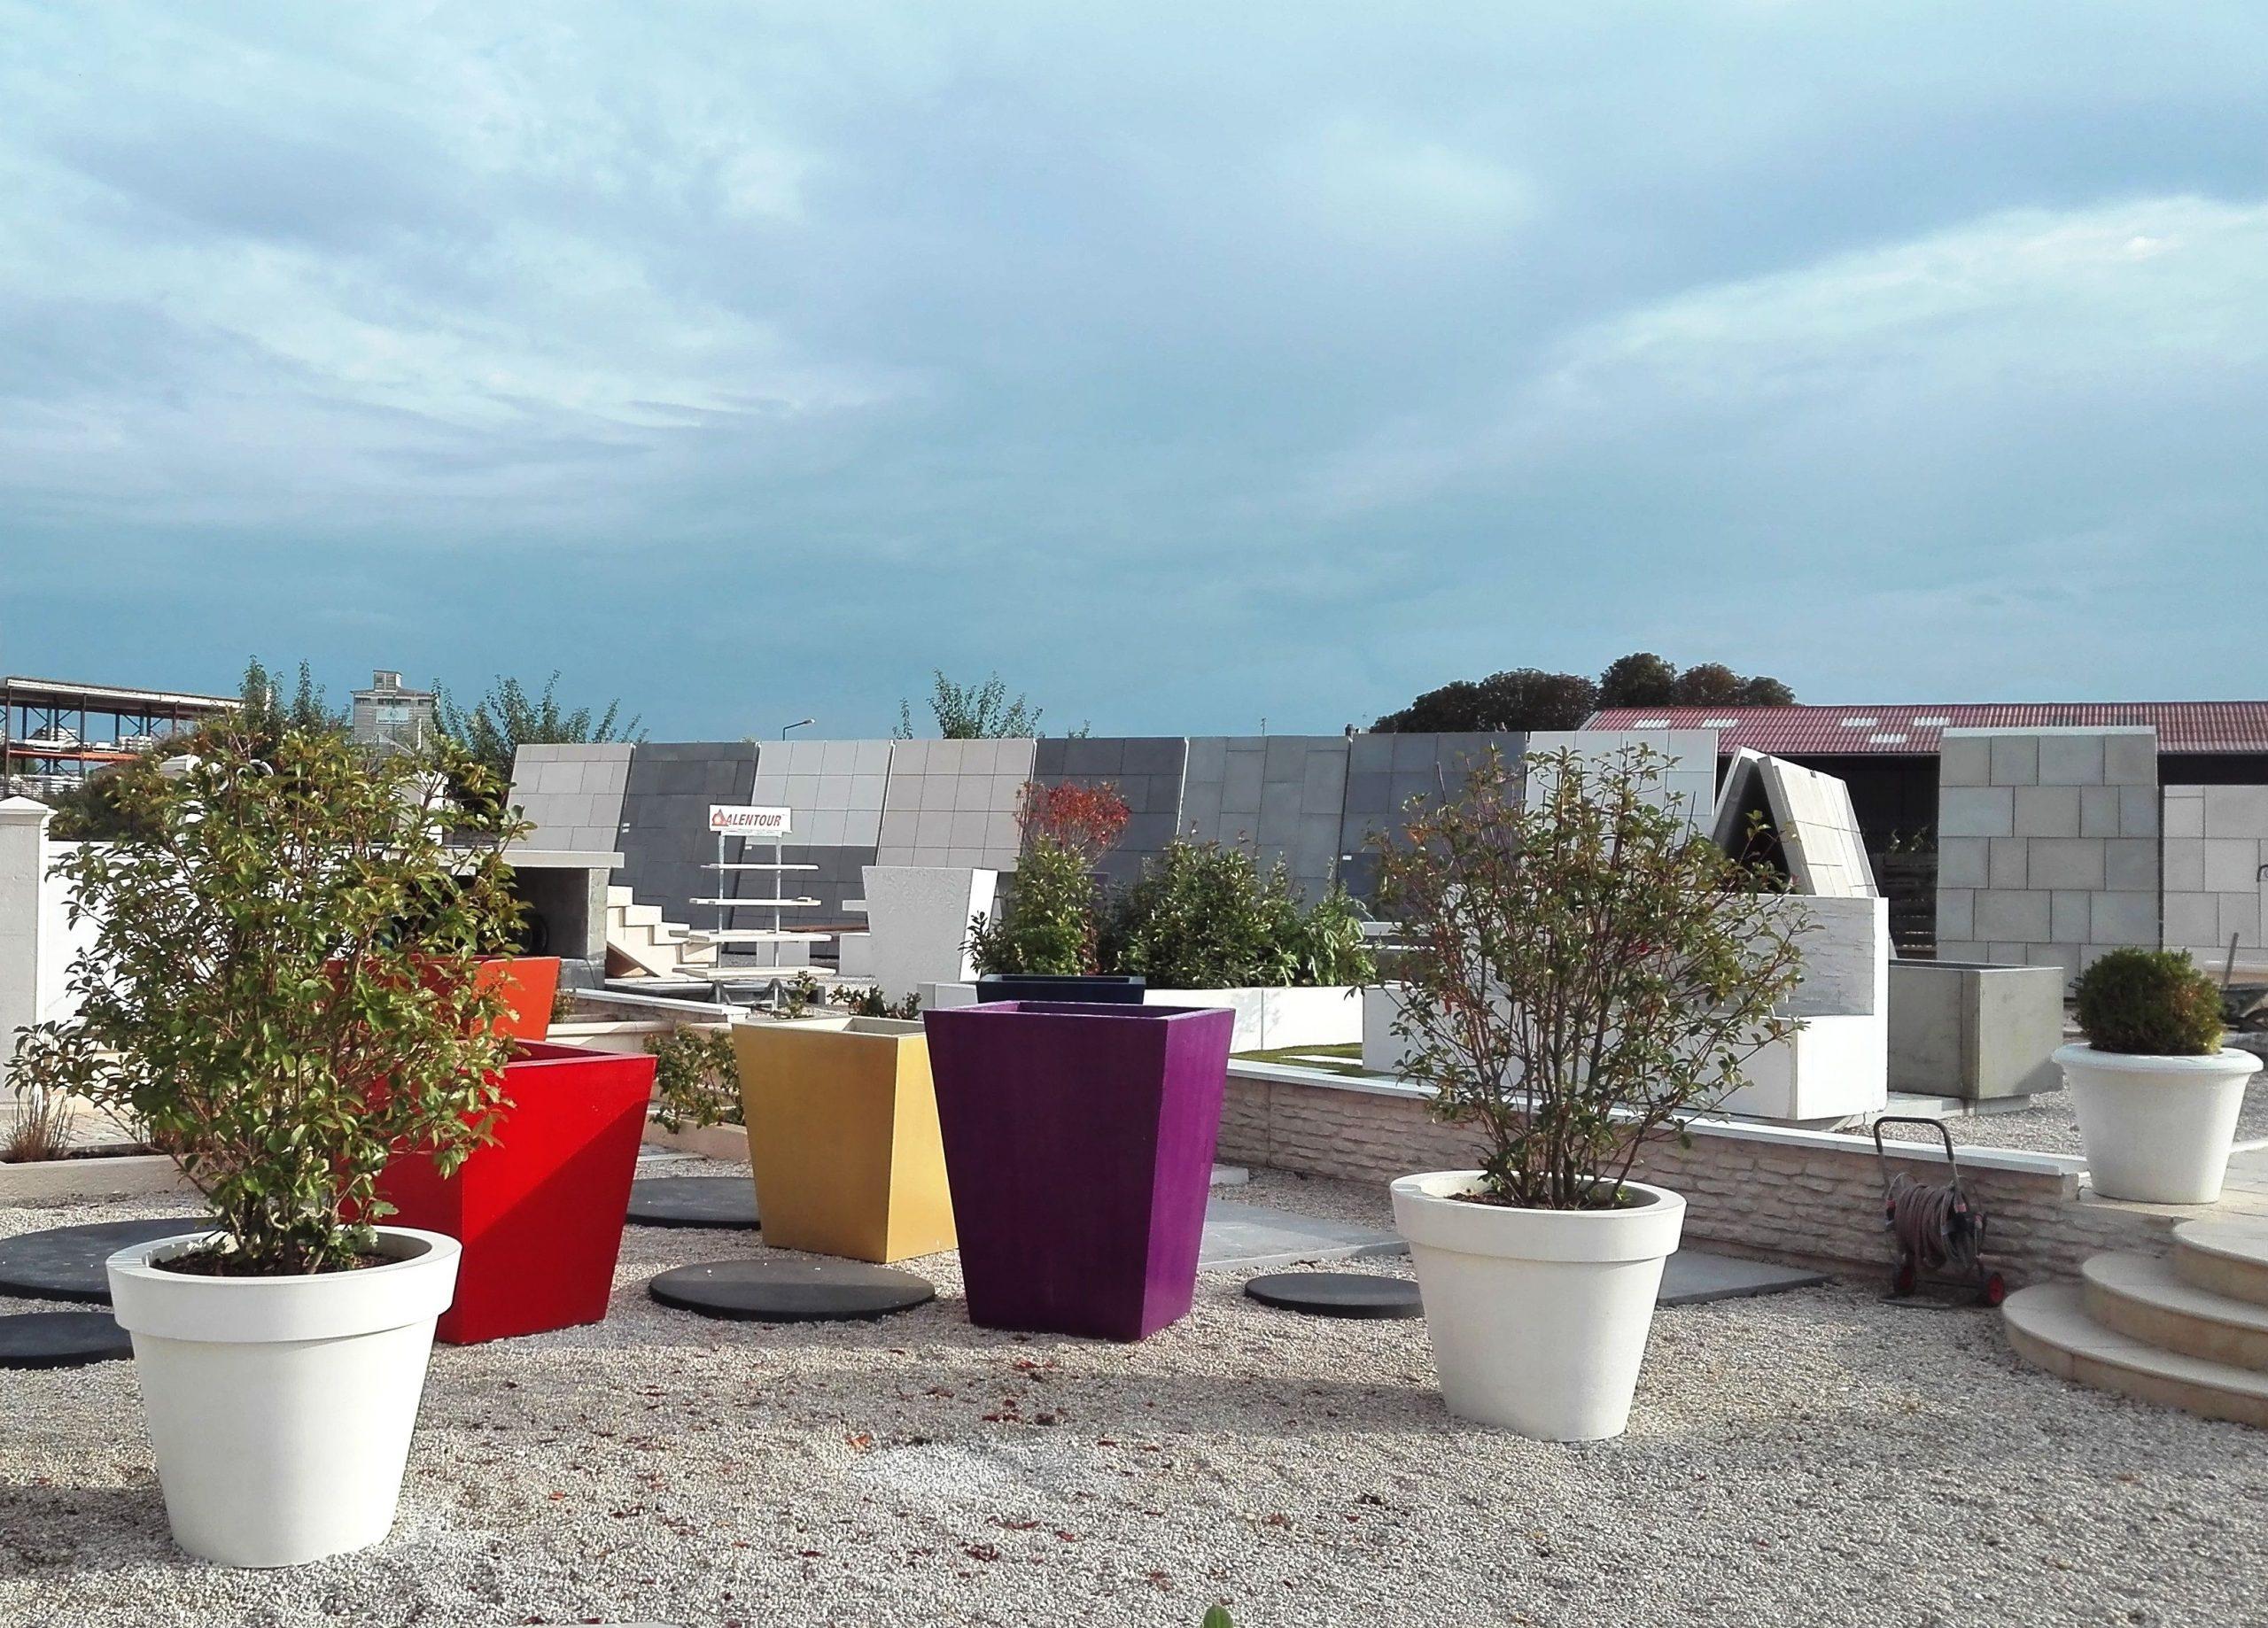 Très Grand Pot De Jardin (Pot De Fleurs Xxl, Pot De Fleurs ... concernant Grand Pot Pour Jardin